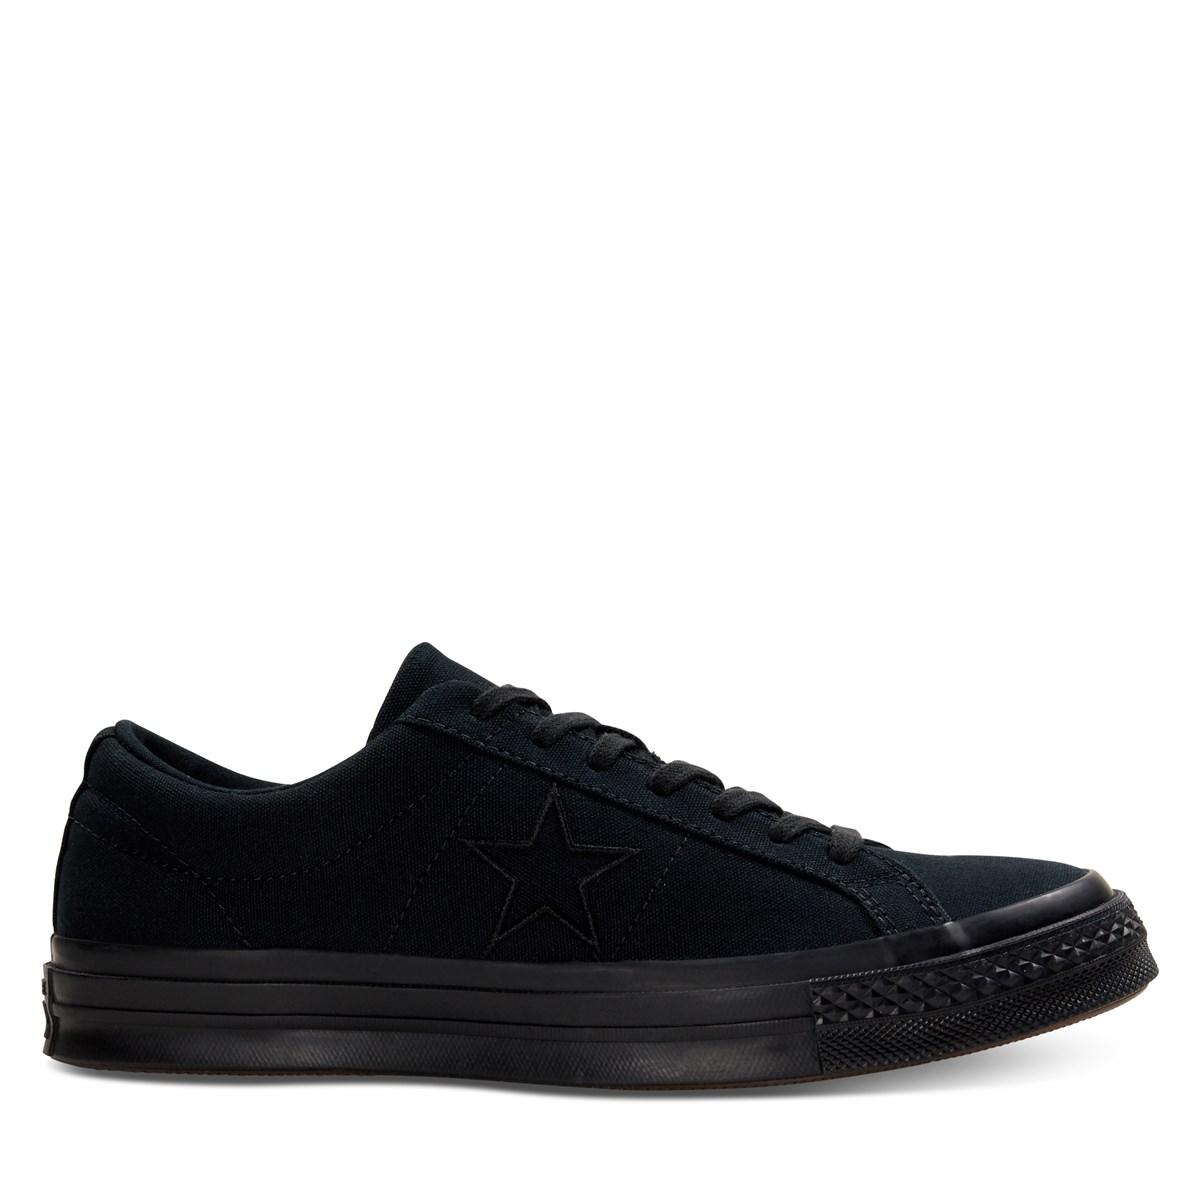 Men's One Star Sneaker in Black